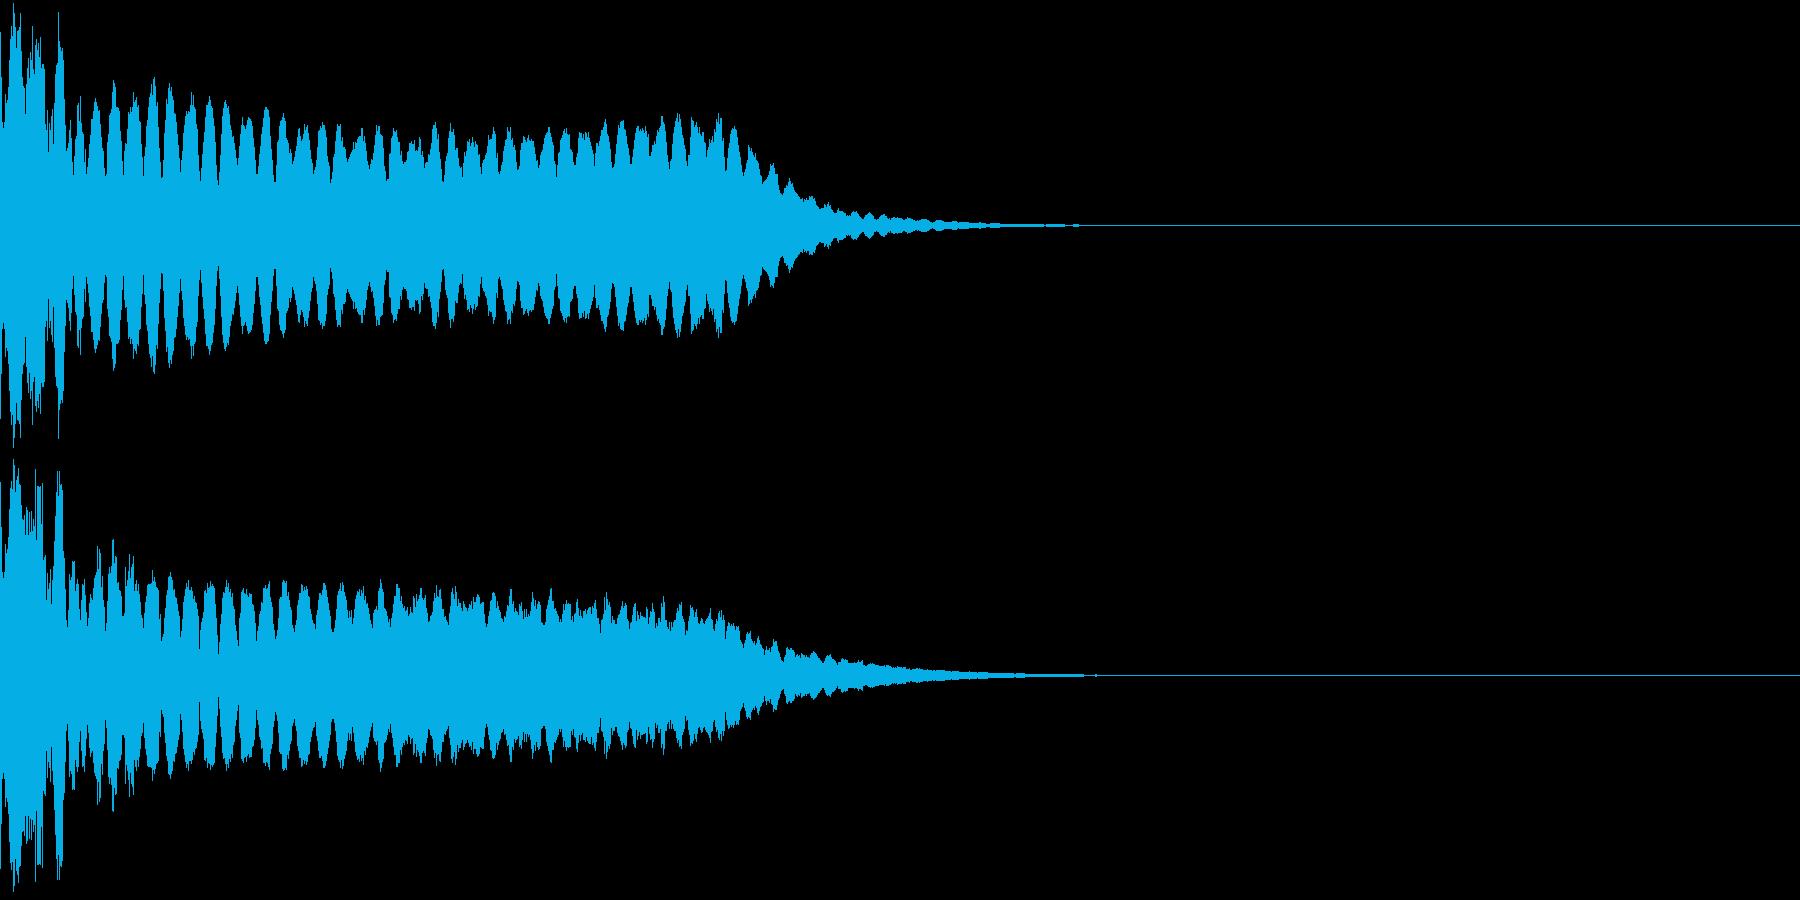 キュイン ボタン ピキーン キーン 31の再生済みの波形